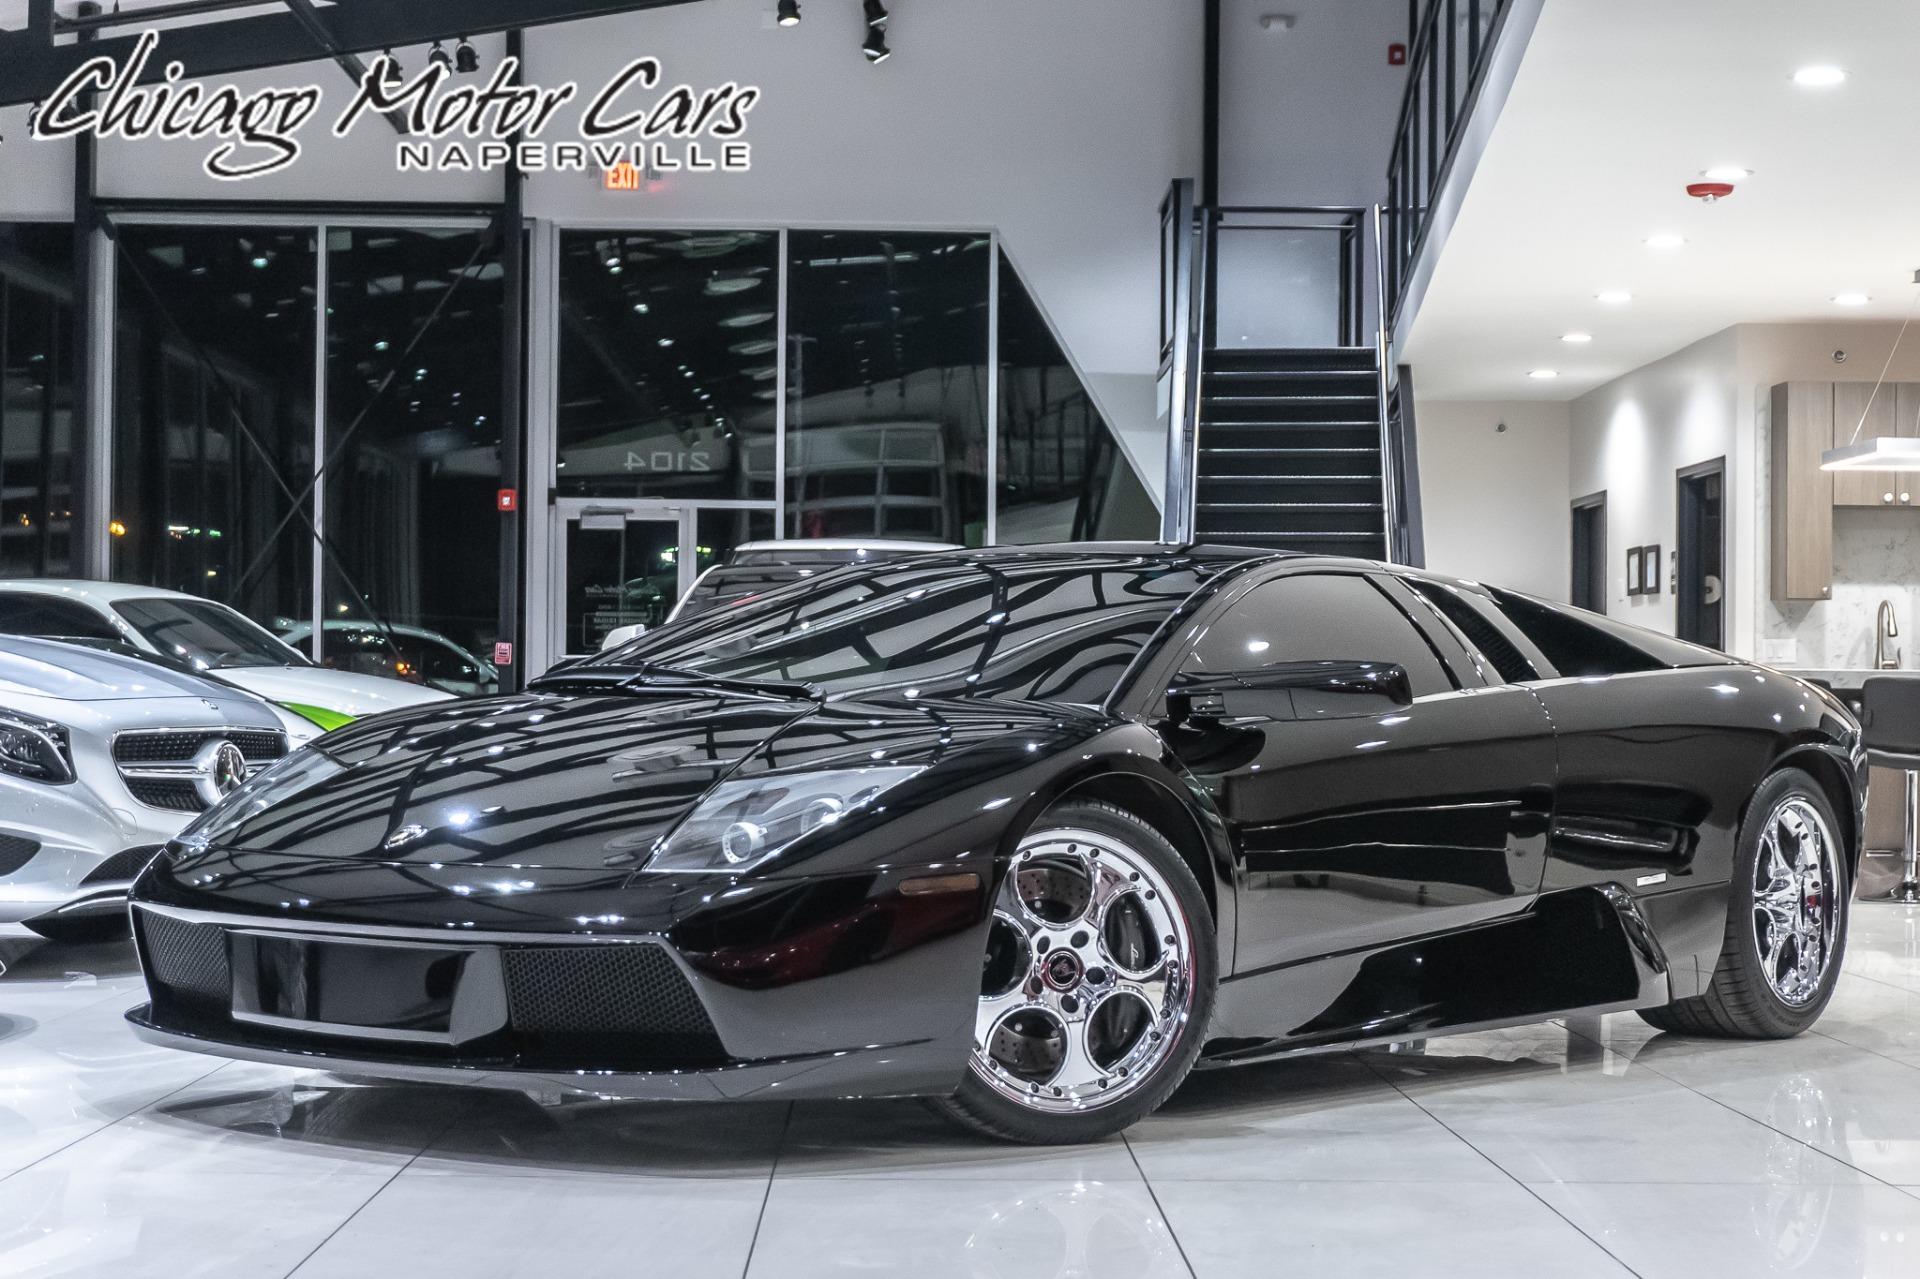 Used 2004 Lamborghini Murcielago Coupe 6 Speed Manual For Sale